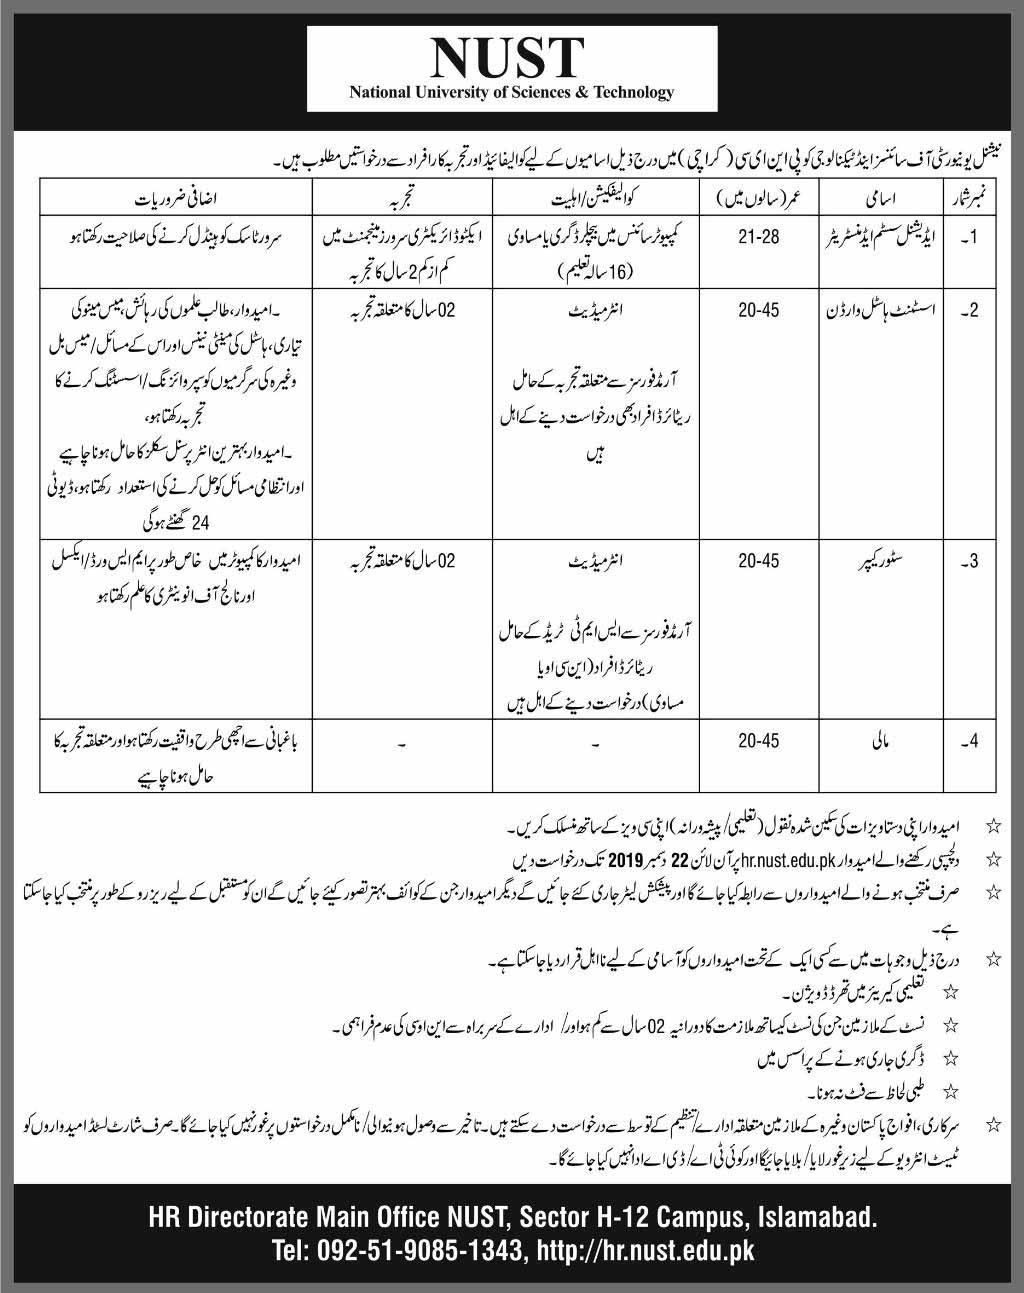 Jobs in NUST in Karachi 10 Dec 2019